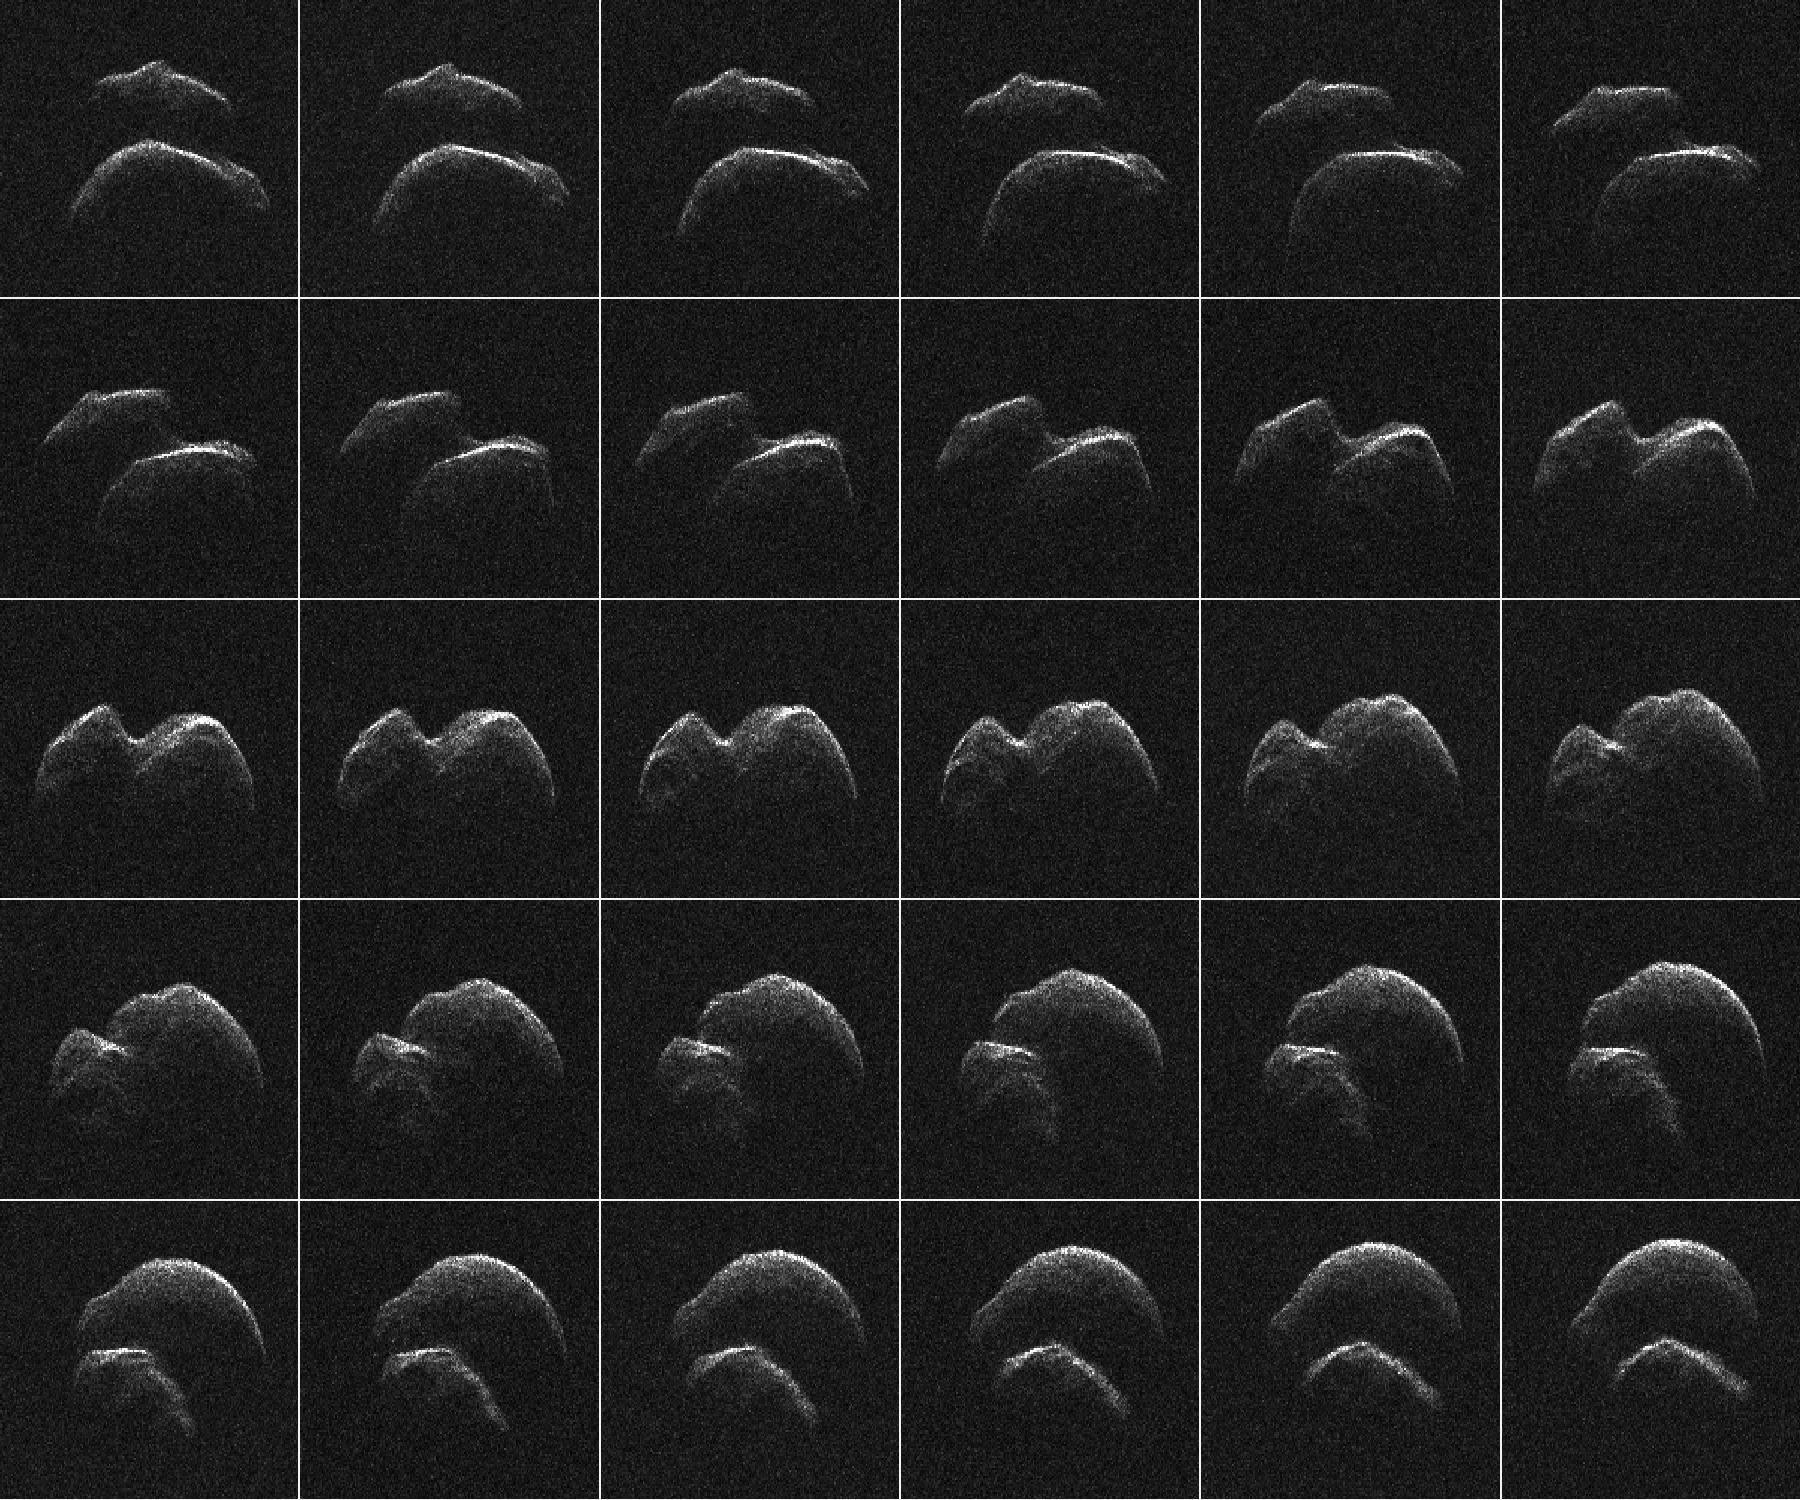 asteroid2014JO25_goldstone.jpg